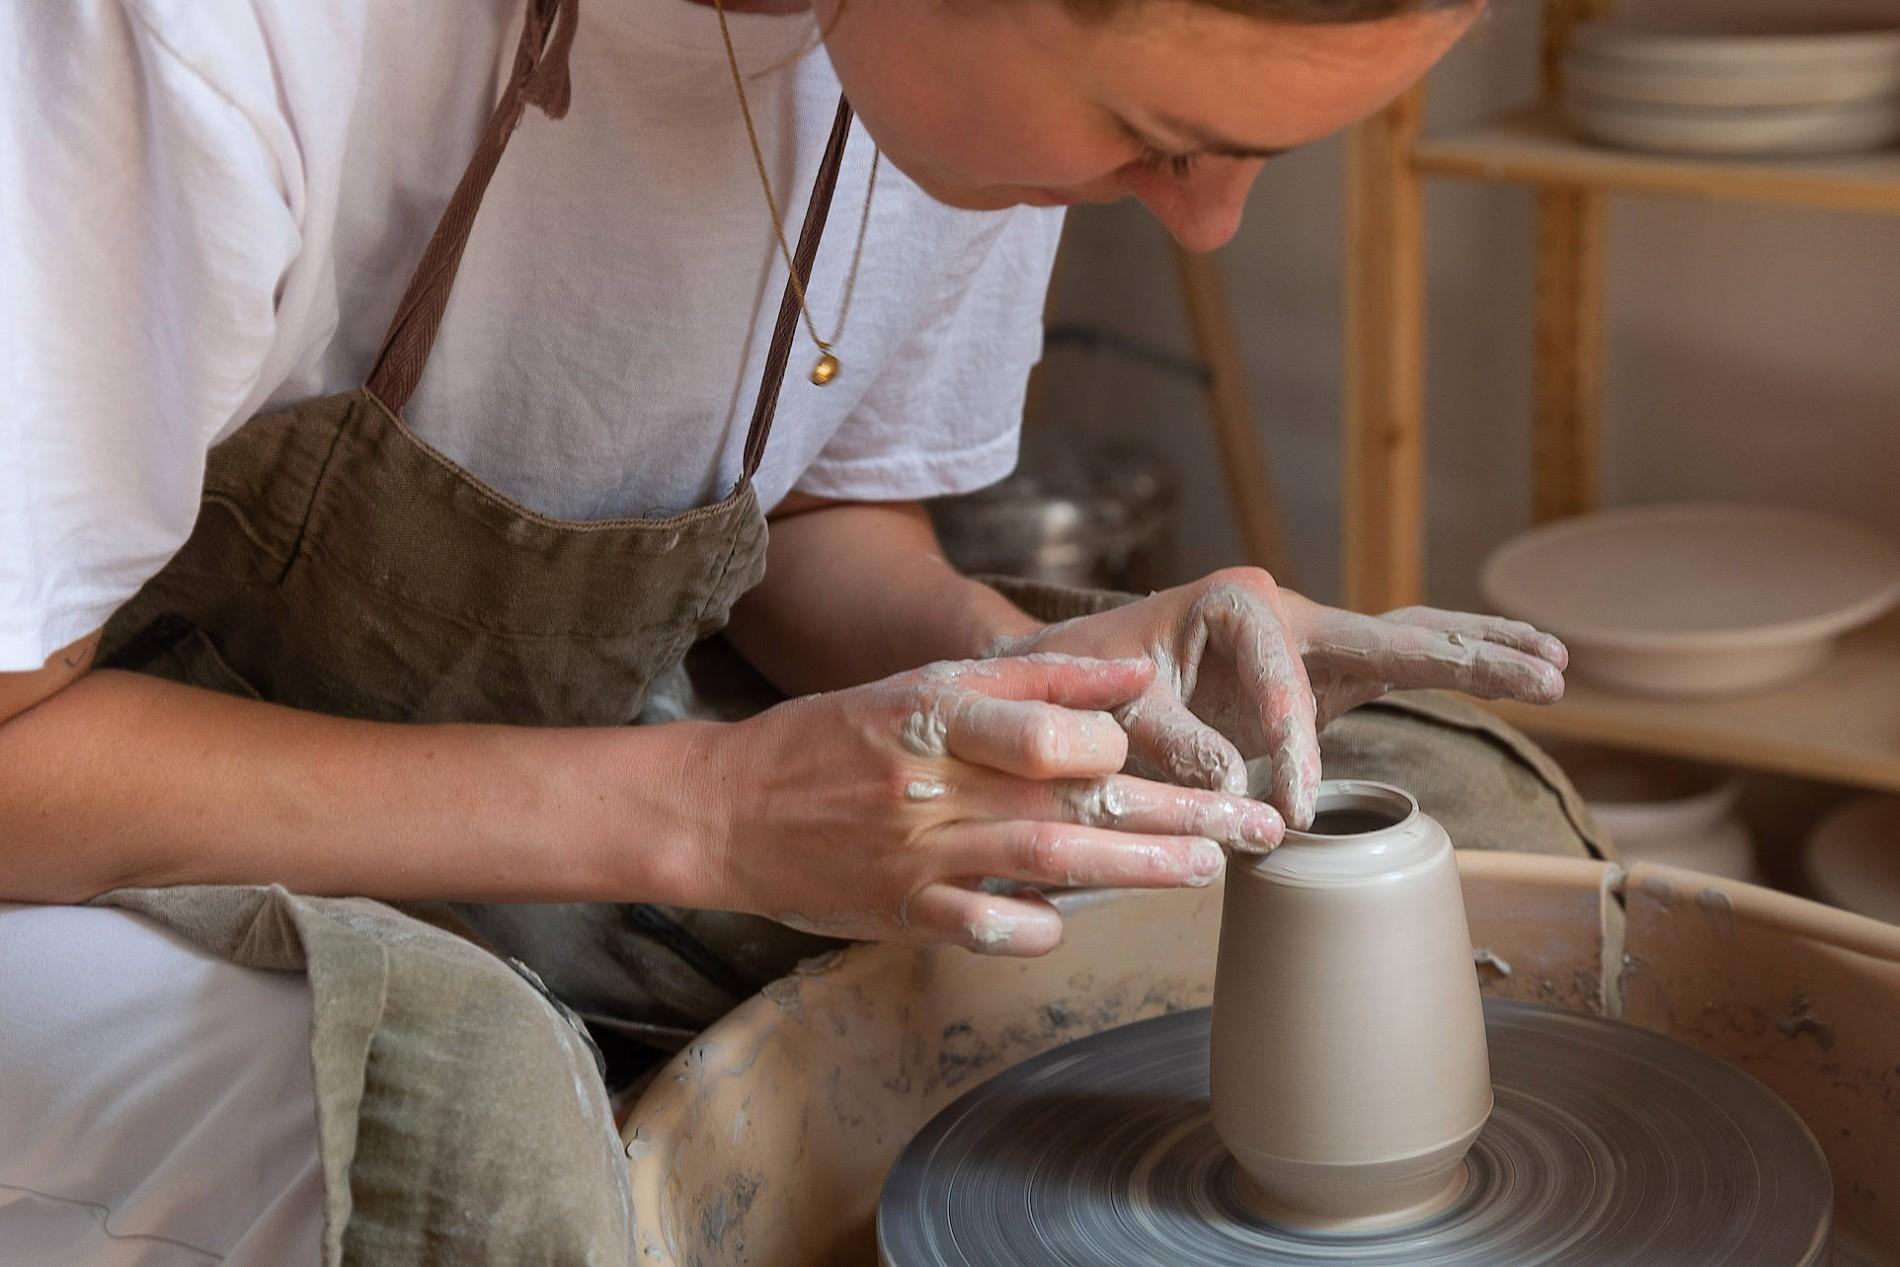 Topferin Viola Beuscher Aus Frankfurt Keramik Ist Im Trend